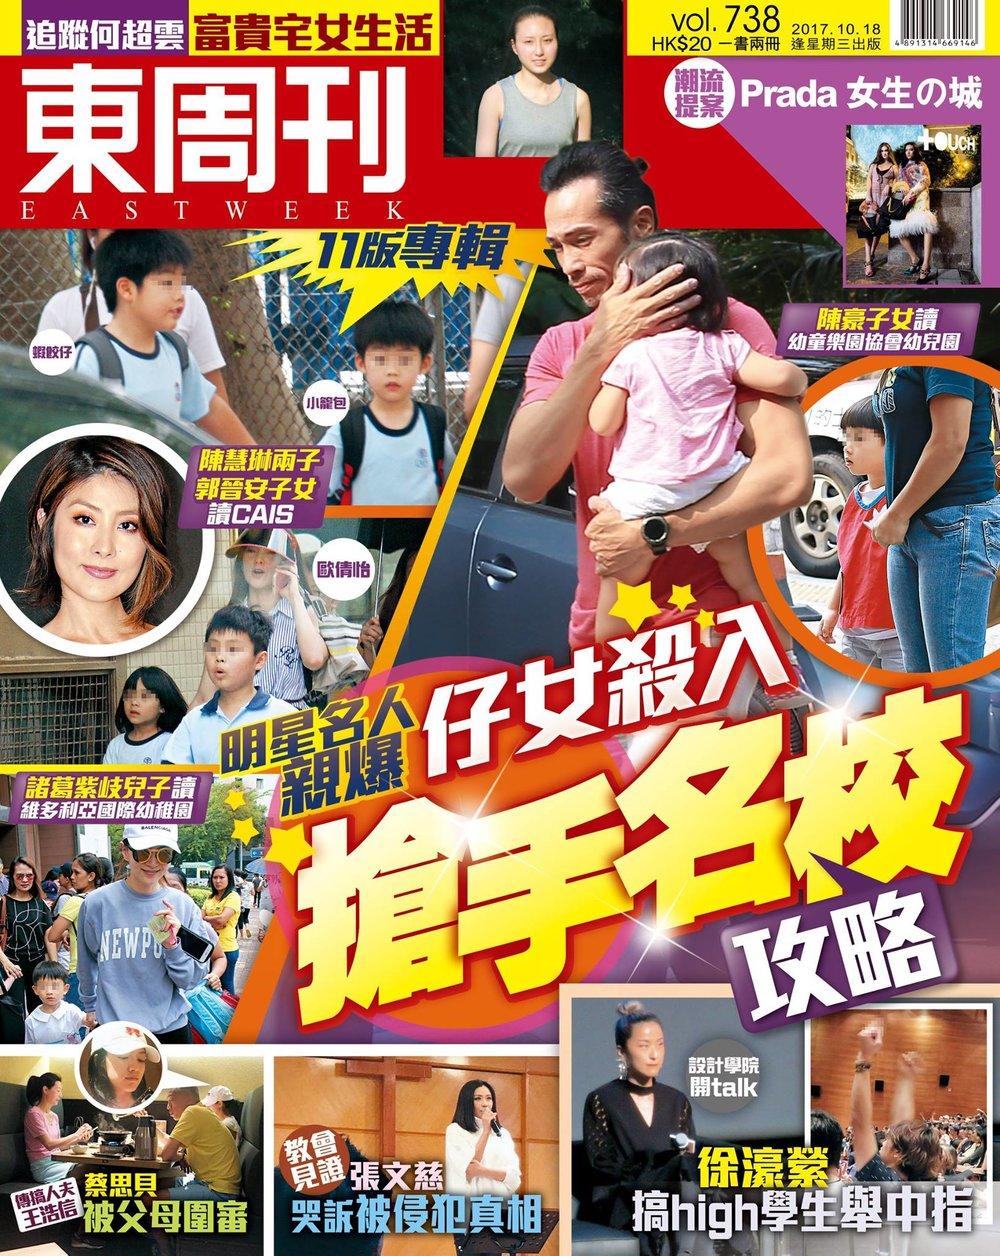 Eastweek-printed-cover.jpg